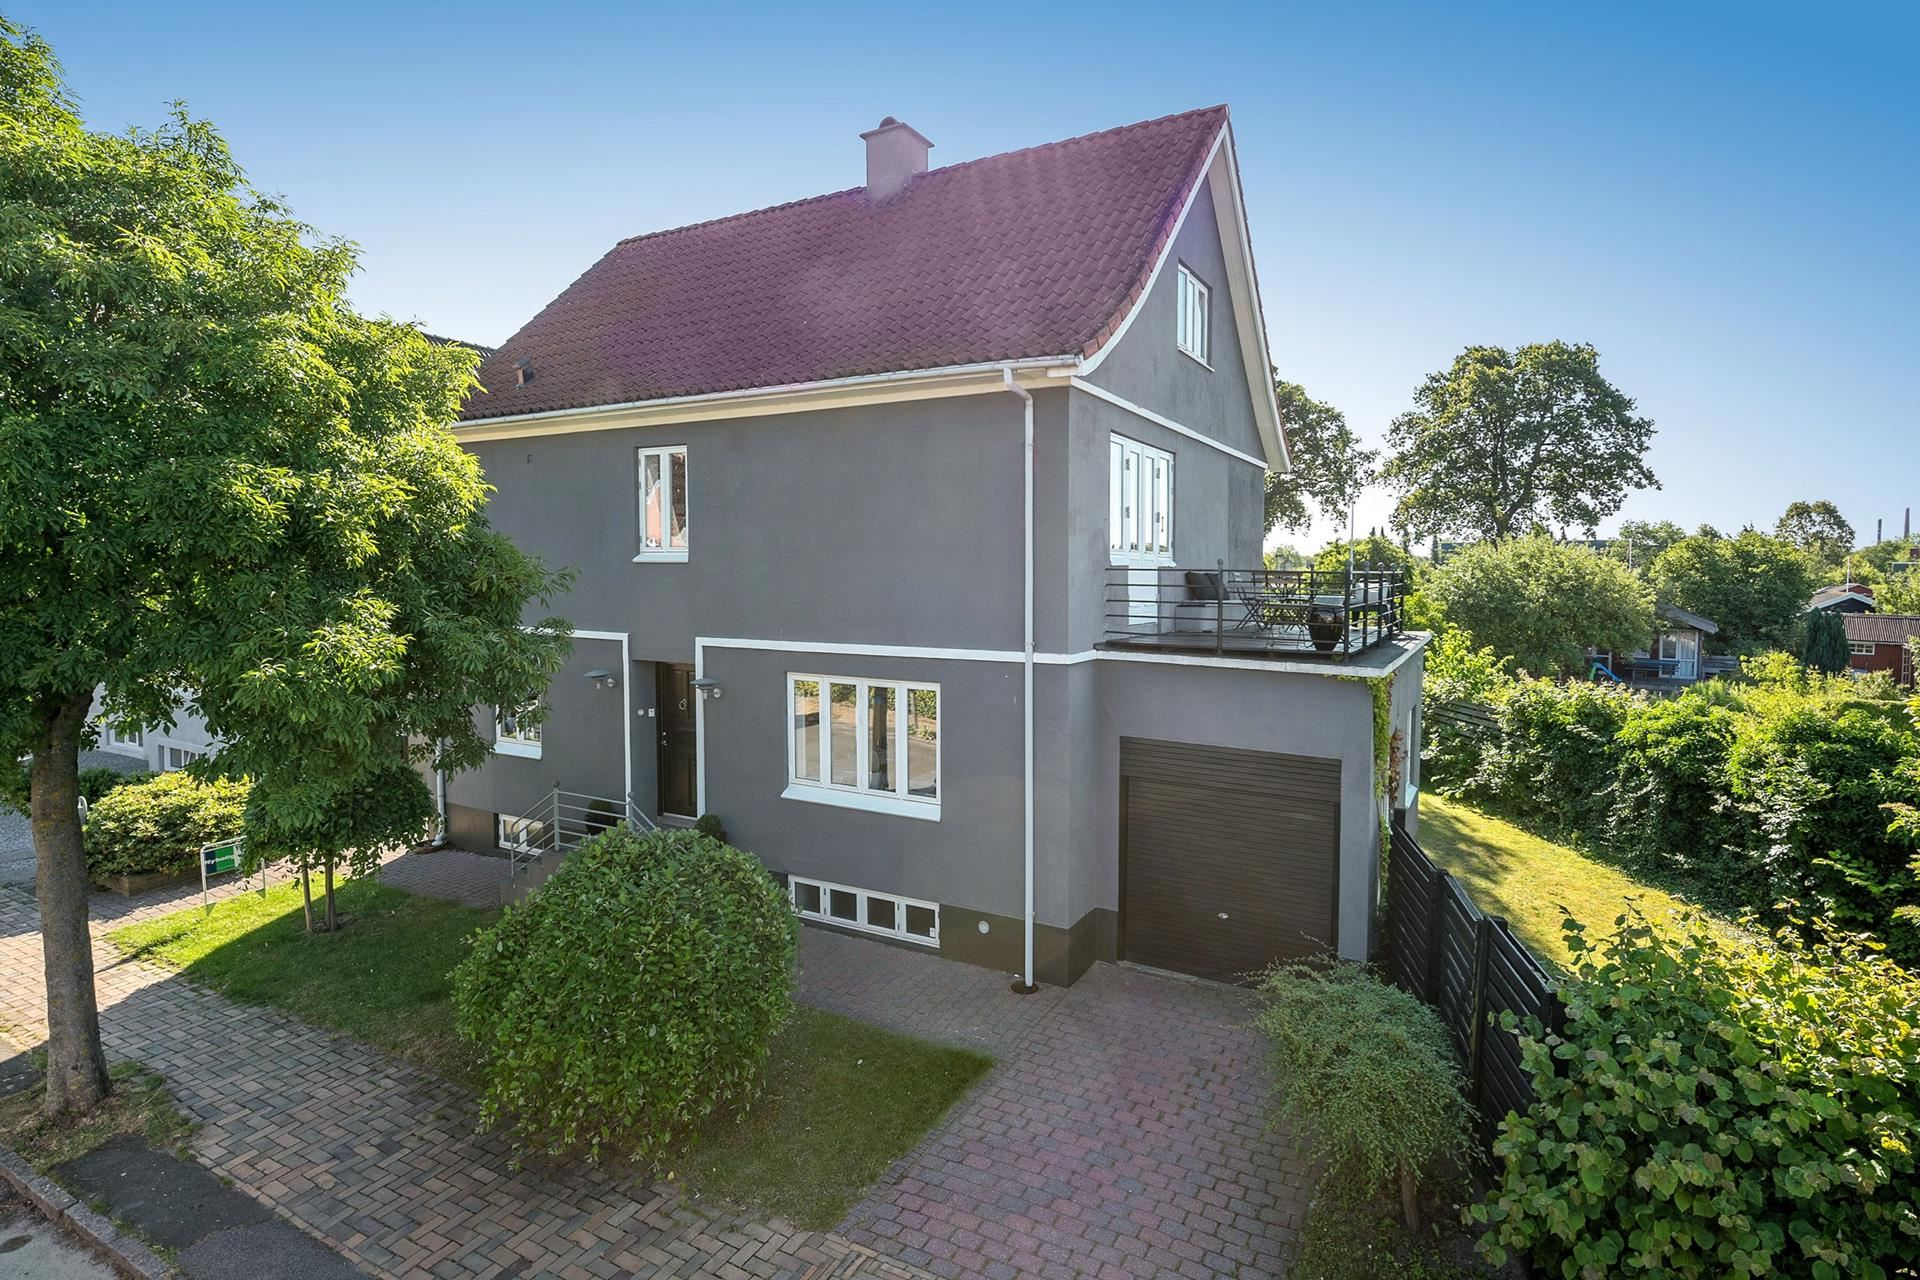 H. Rasmussens Vej 3, 5000 Odense C